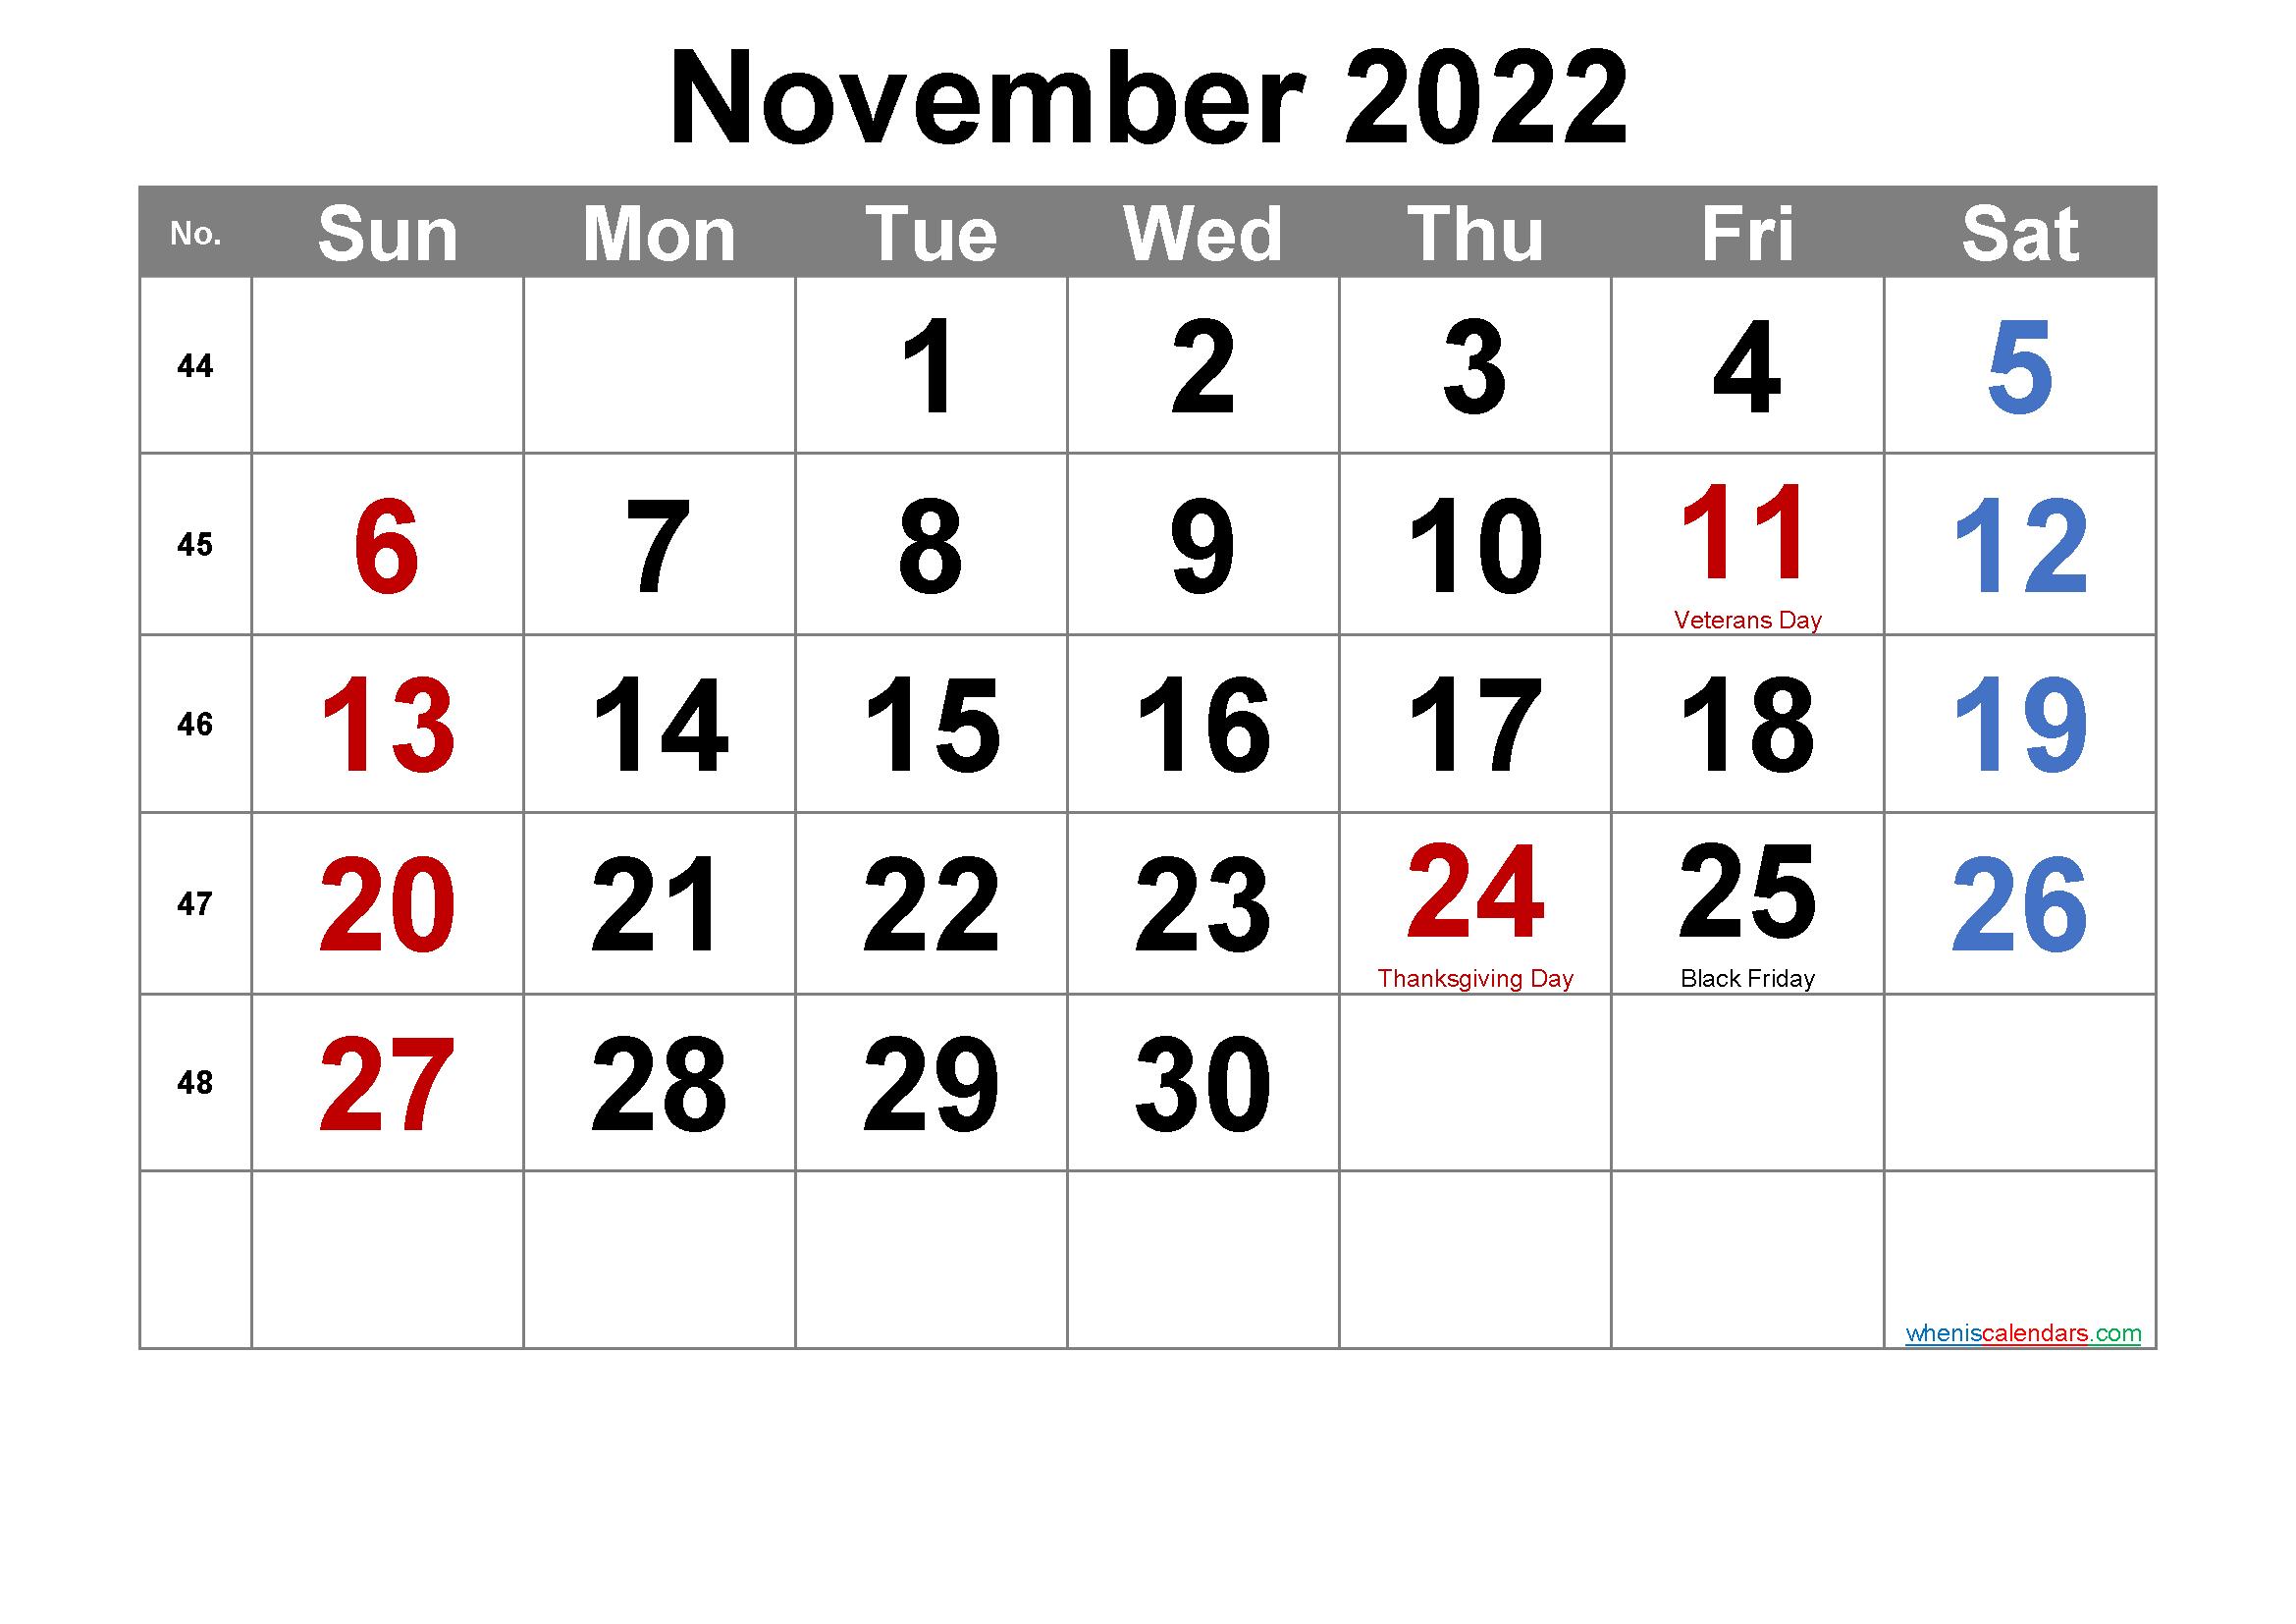 Editable November 2022 Calendar with Holidays